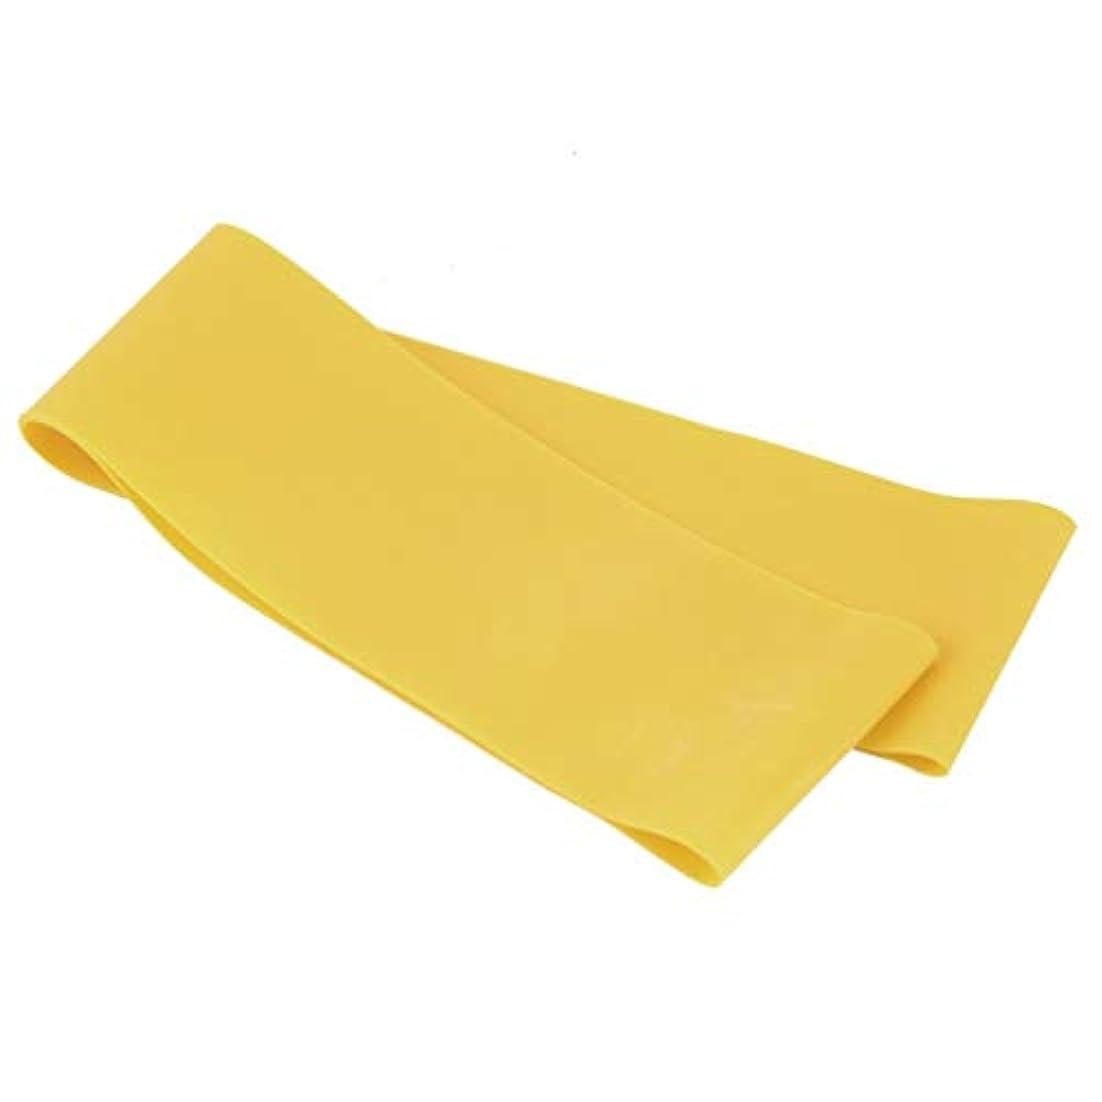 回復岸声を出して滑り止めの伸縮性のあるゴム製伸縮性があるヨガのベルトバンド引きロープの張力抵抗バンドループ強さのためのフィットネスヨガツール - 黄色